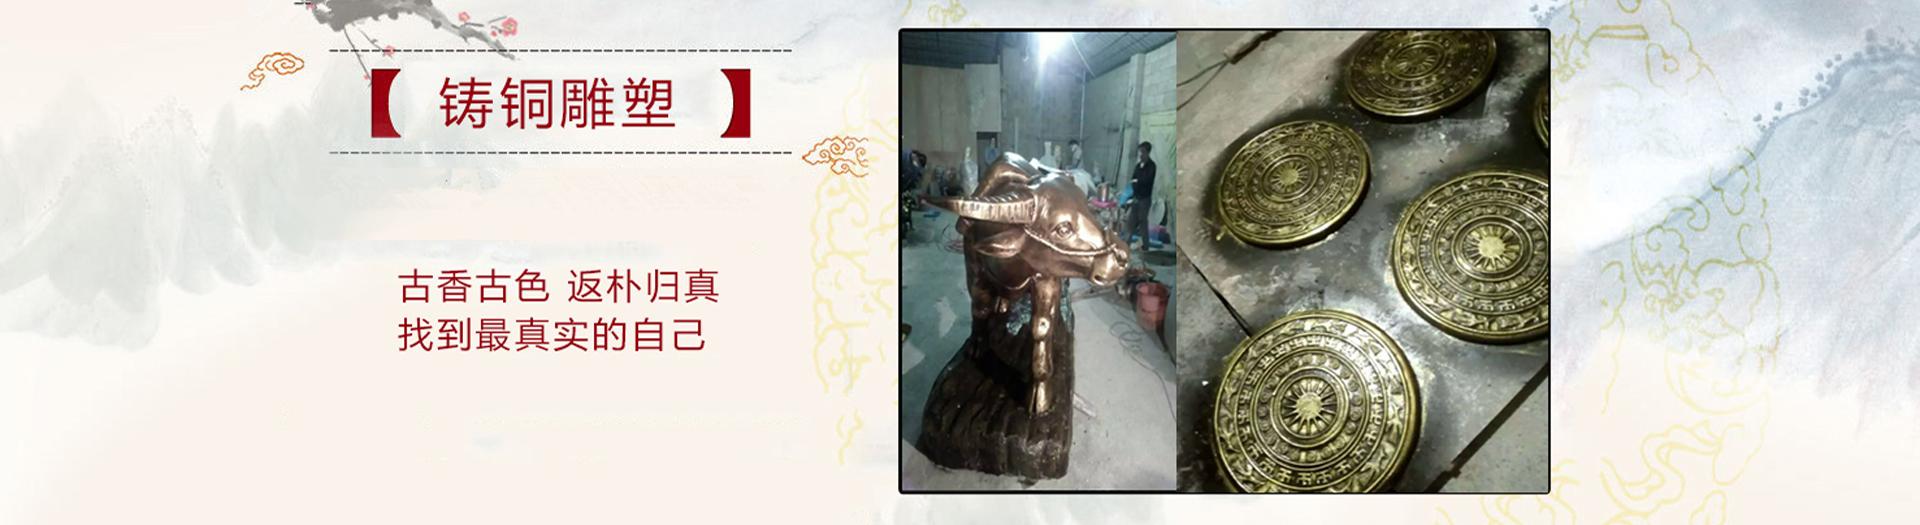 南宁铜质雕塑,南宁雕塑,南宁雕塑定制,南宁雕塑公司